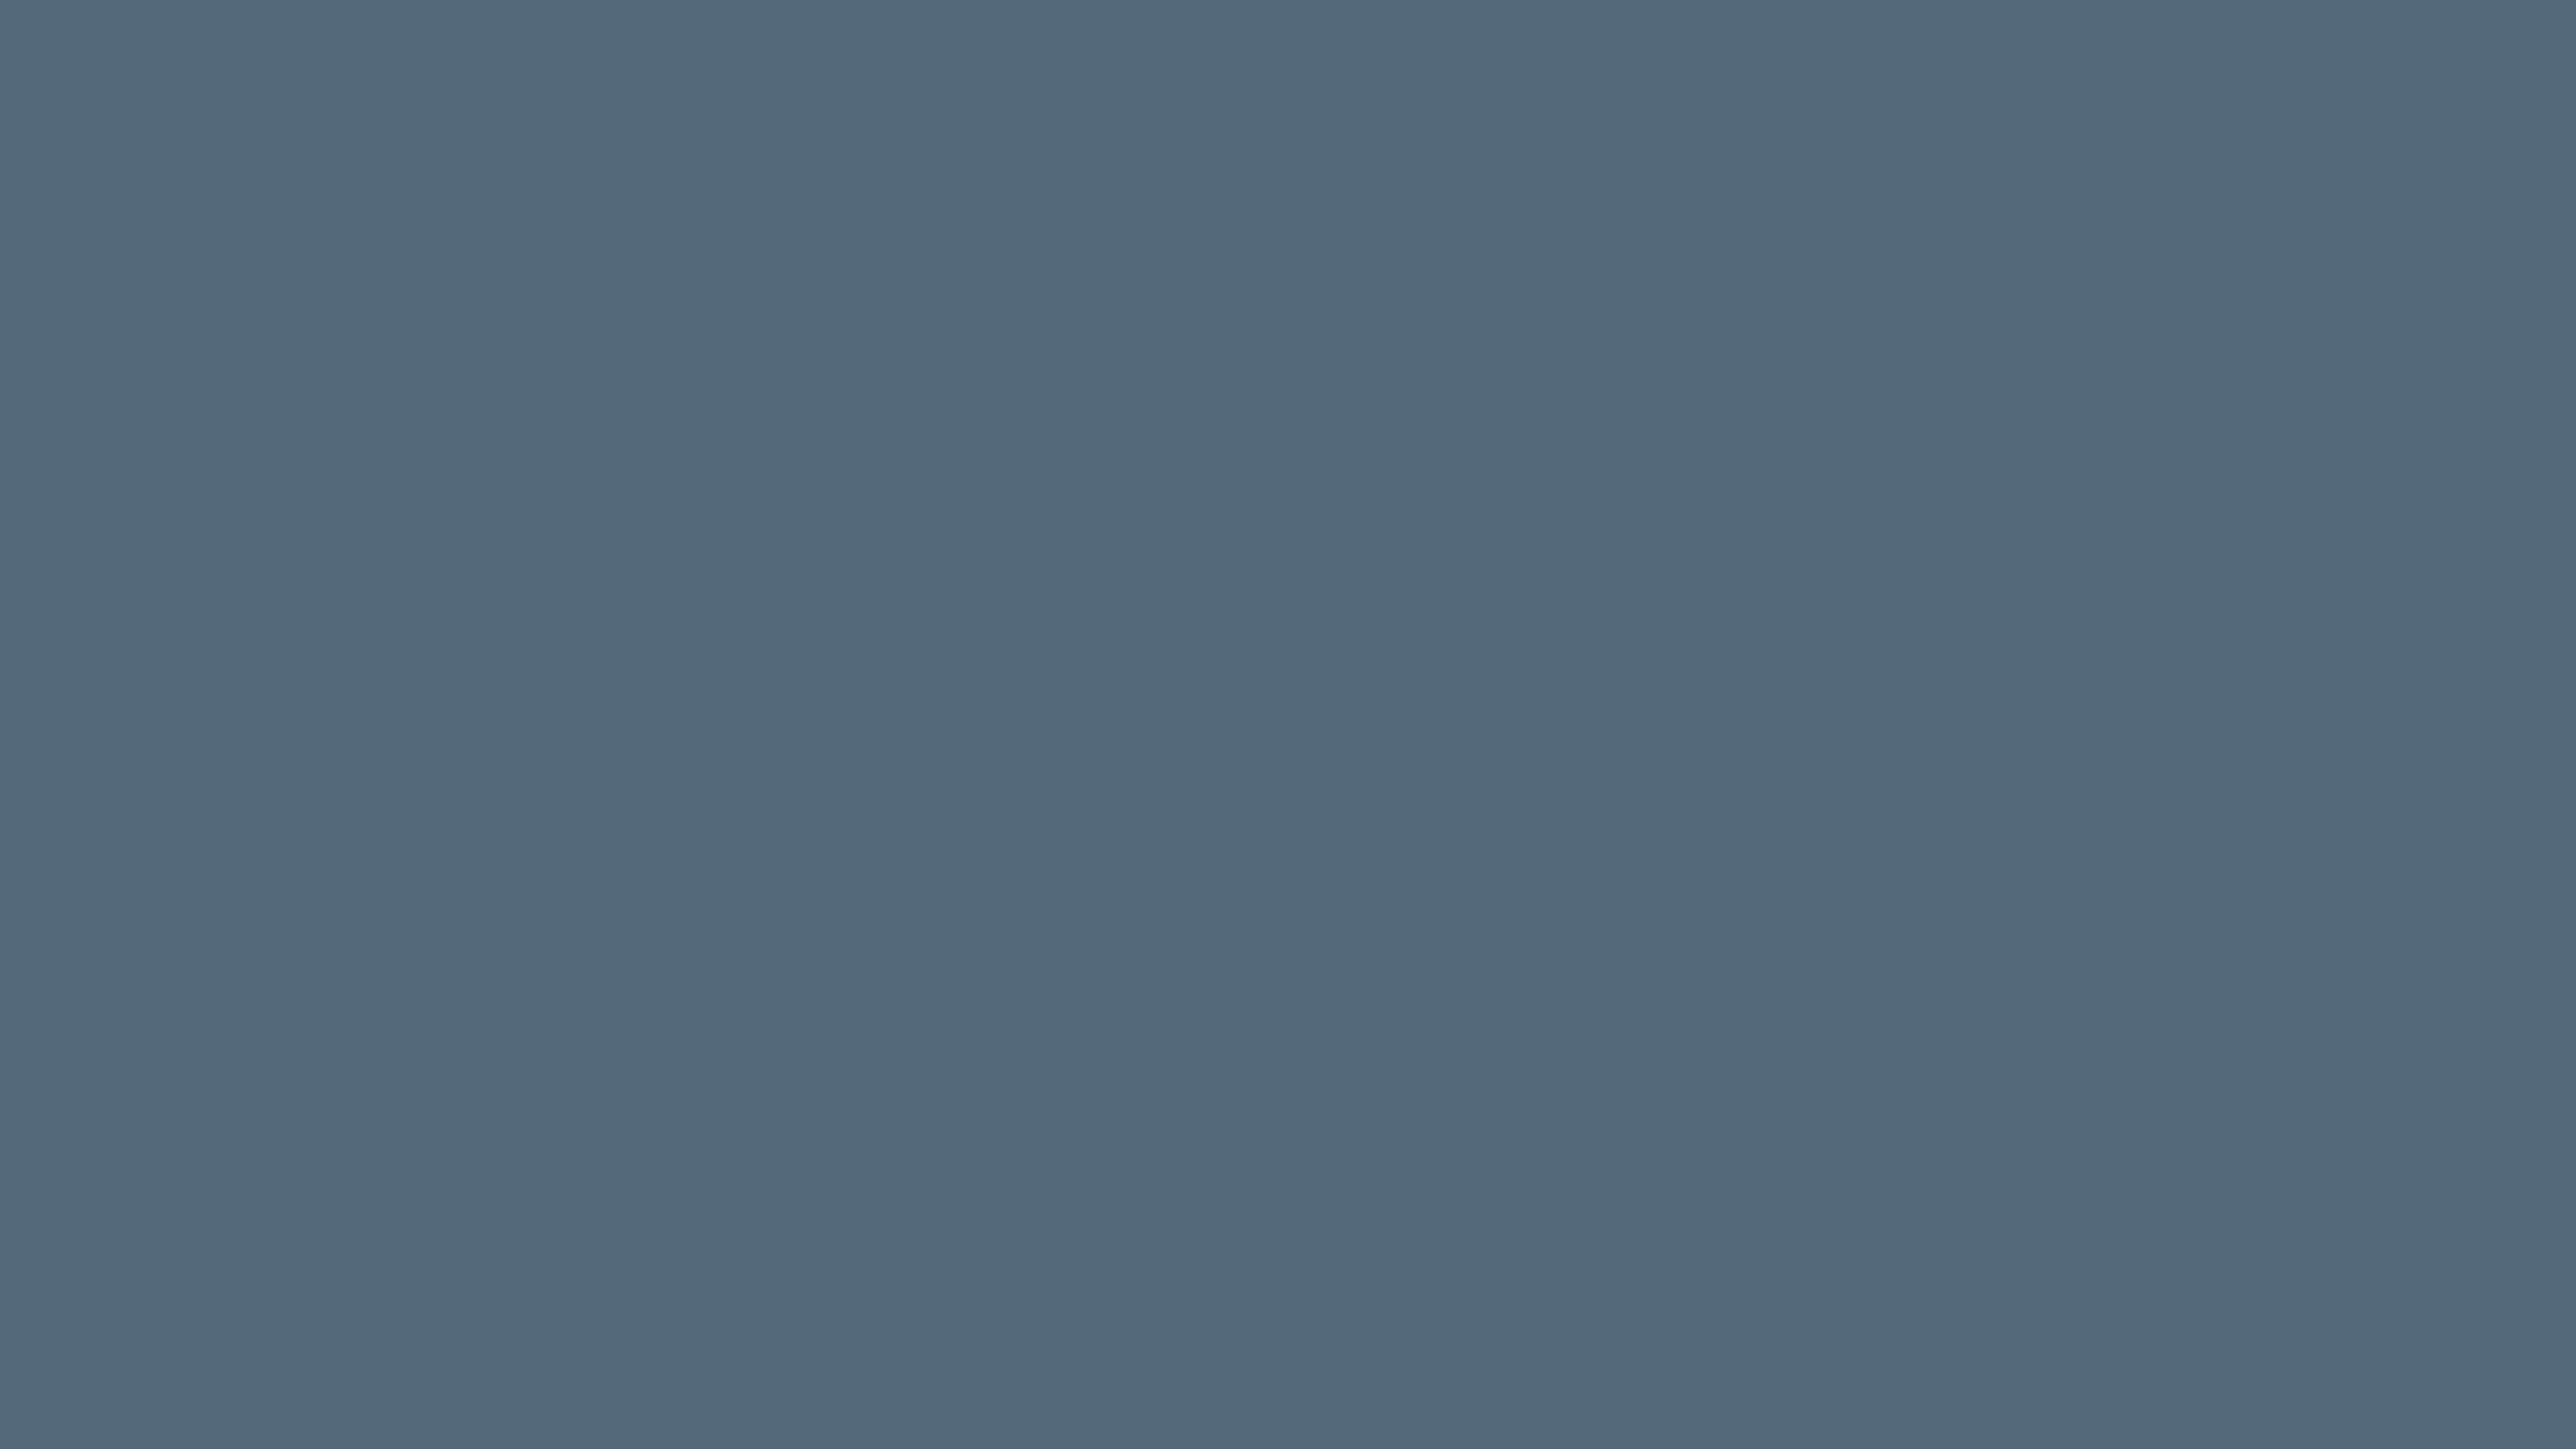 5120x2880 dark electric blue solid color background. Black Bedroom Furniture Sets. Home Design Ideas